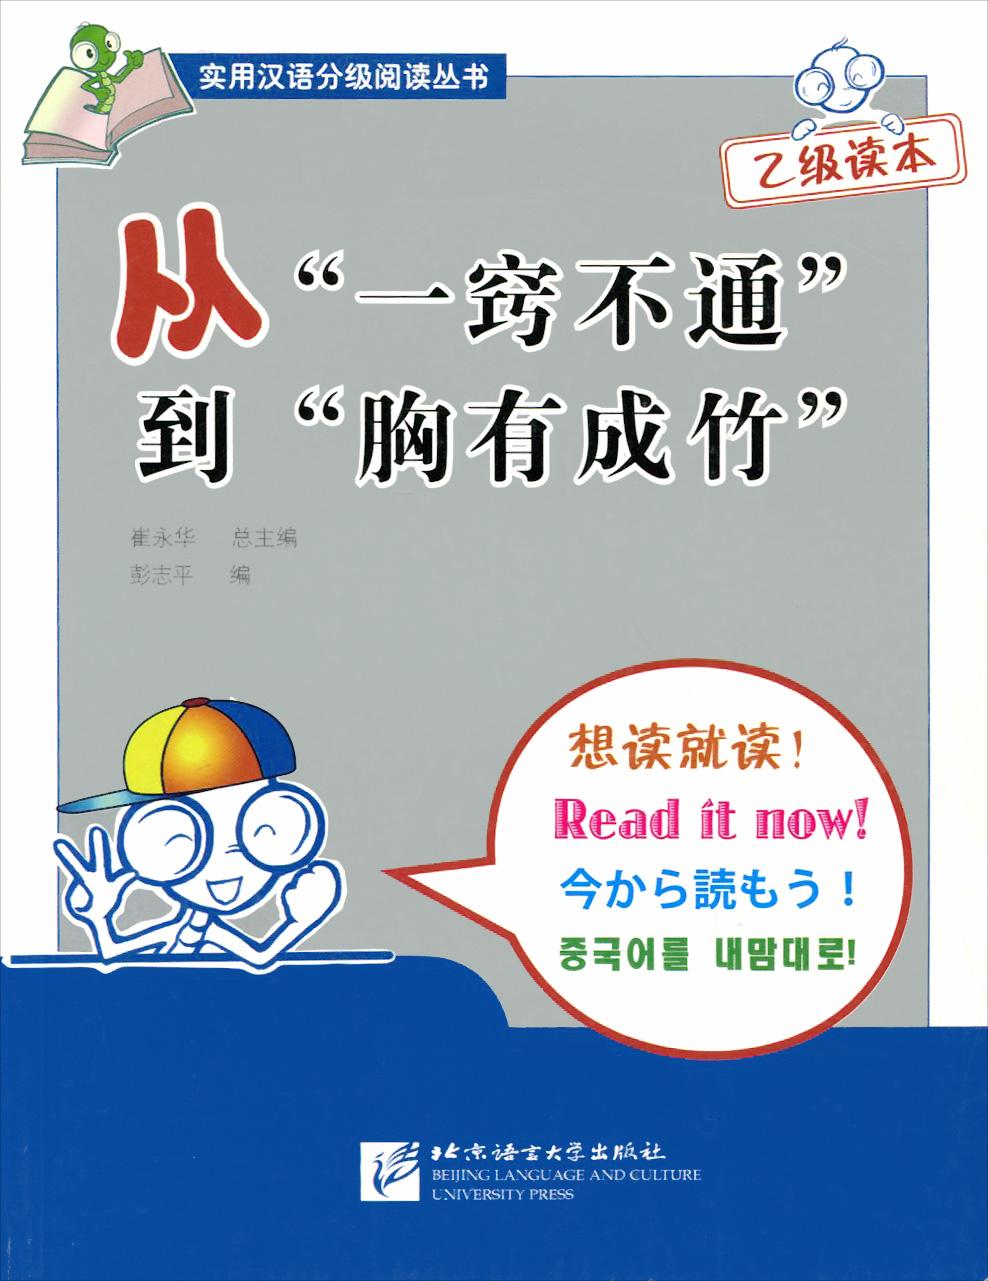 Chinese Reading for Practical Purposes: Step by Step: HSK 3-5 константинова е а карточки для изучения иероглифов 150 карточек соответствующих первому уровню hsk в коробке